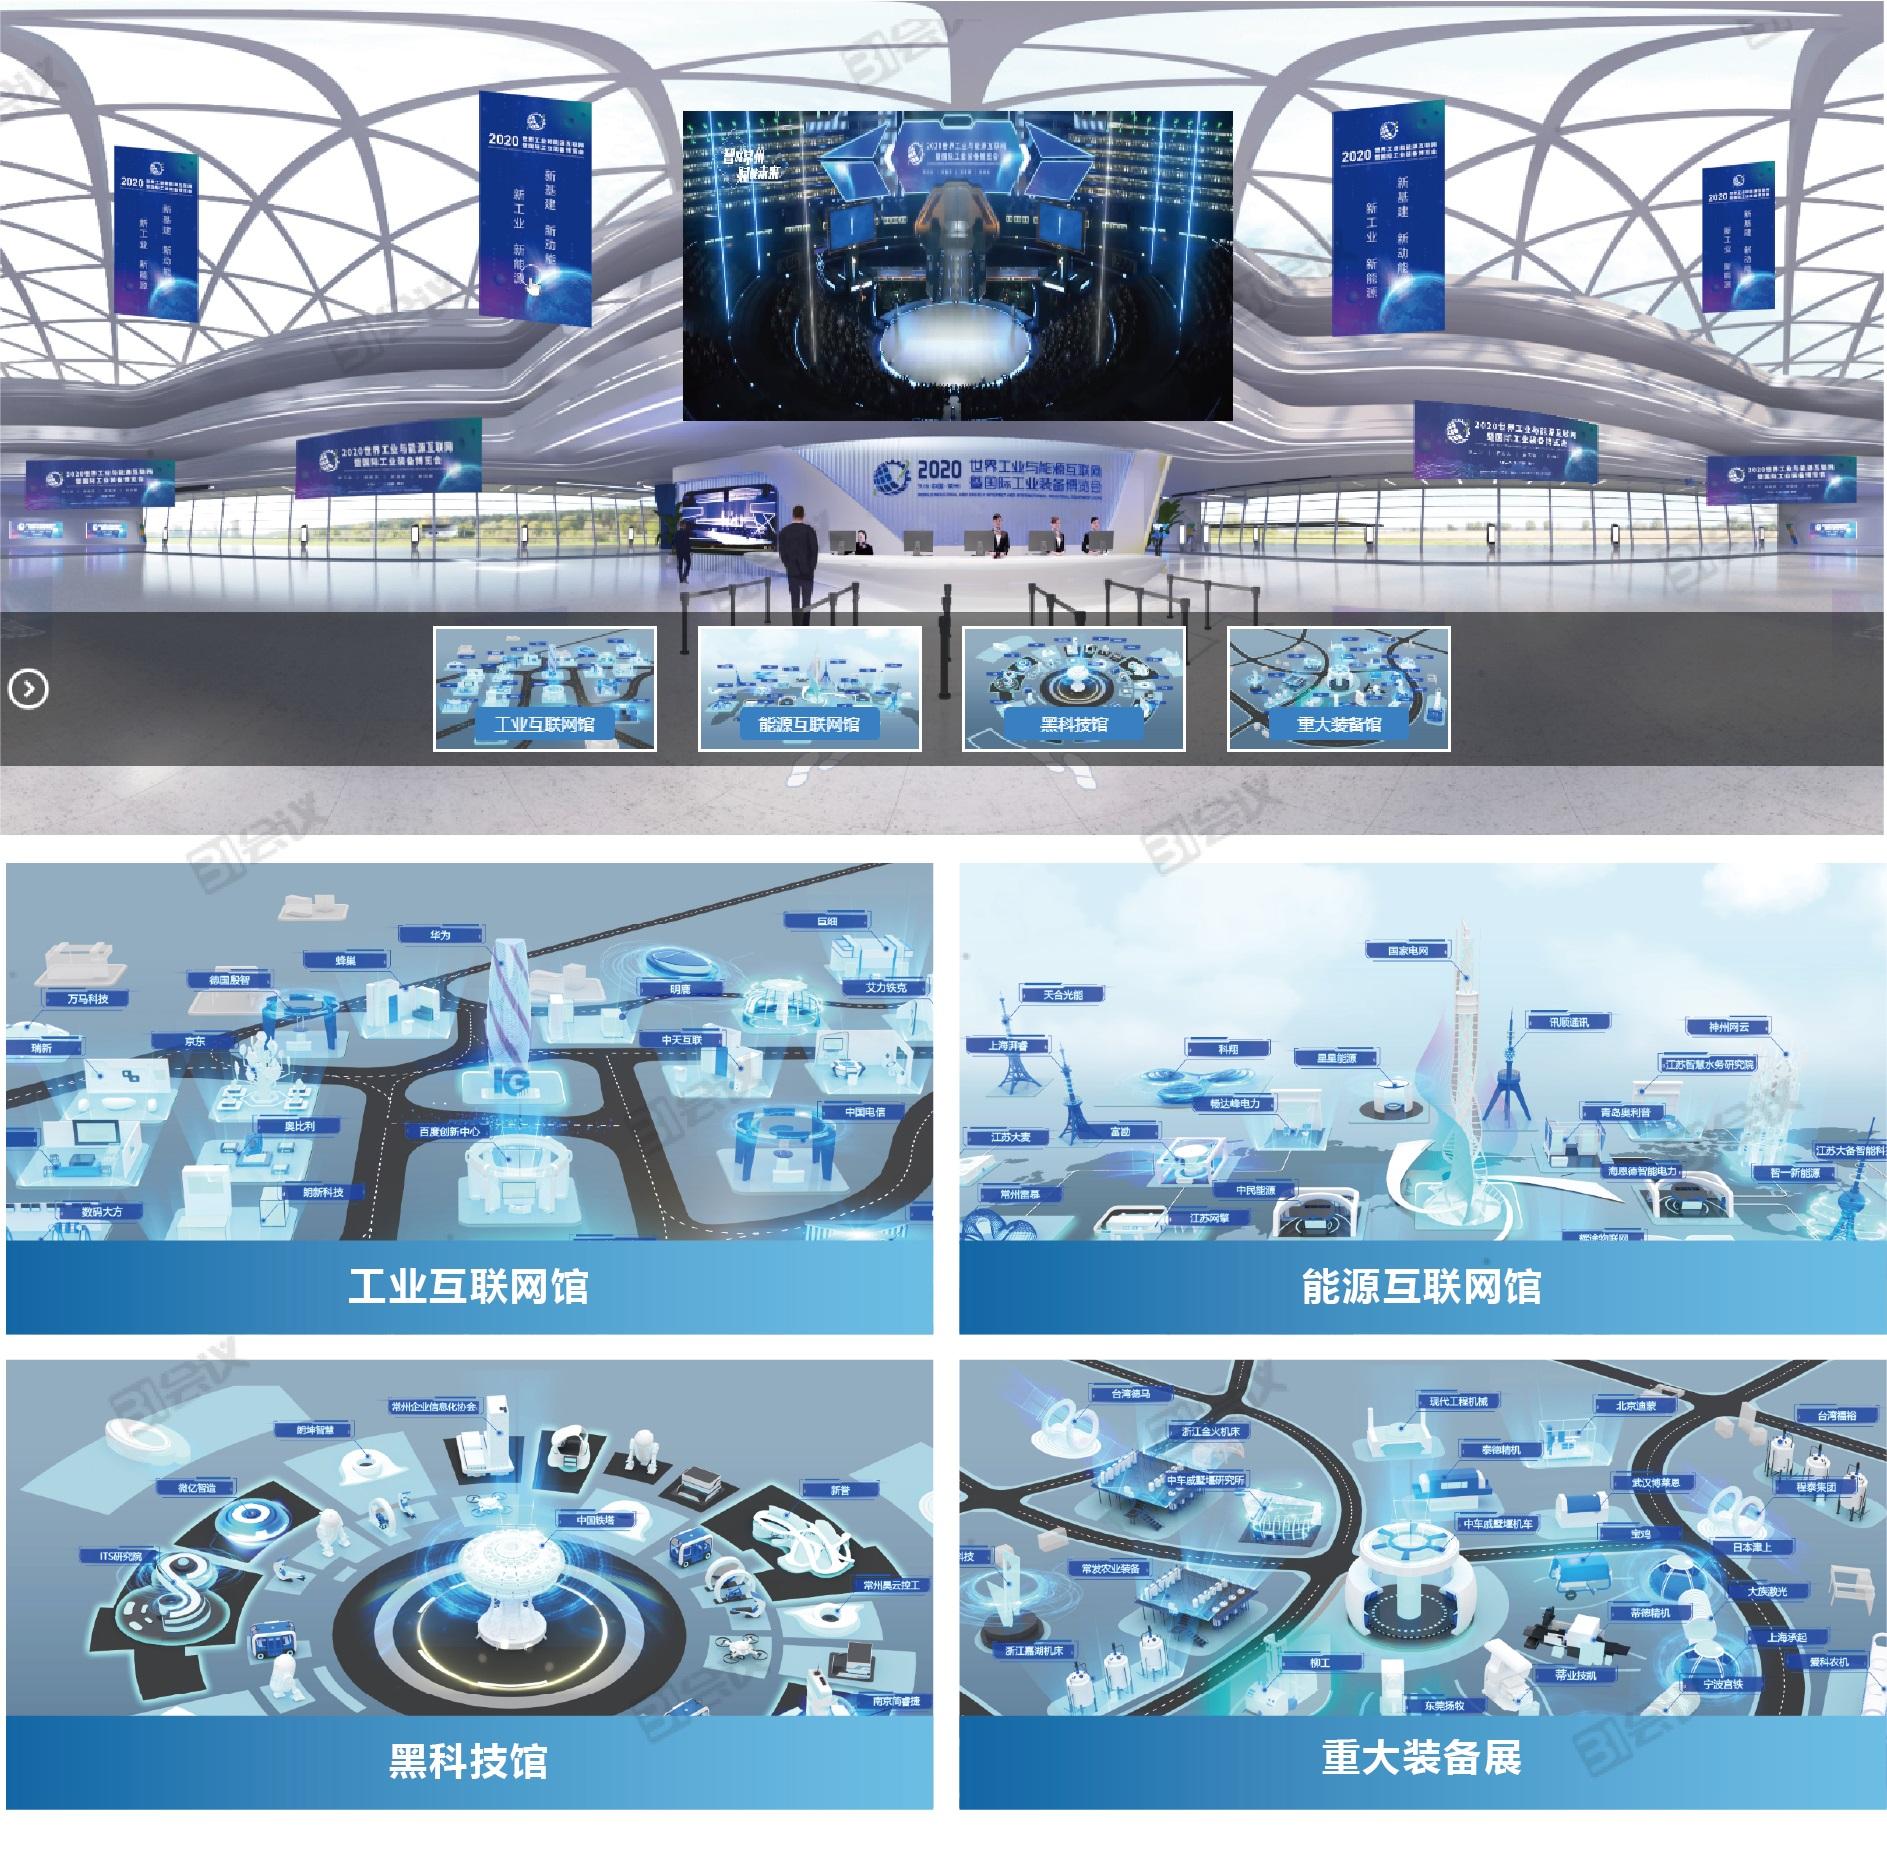 6-2020世界工业和能源互联网暨国际工业装备博览会.jpg